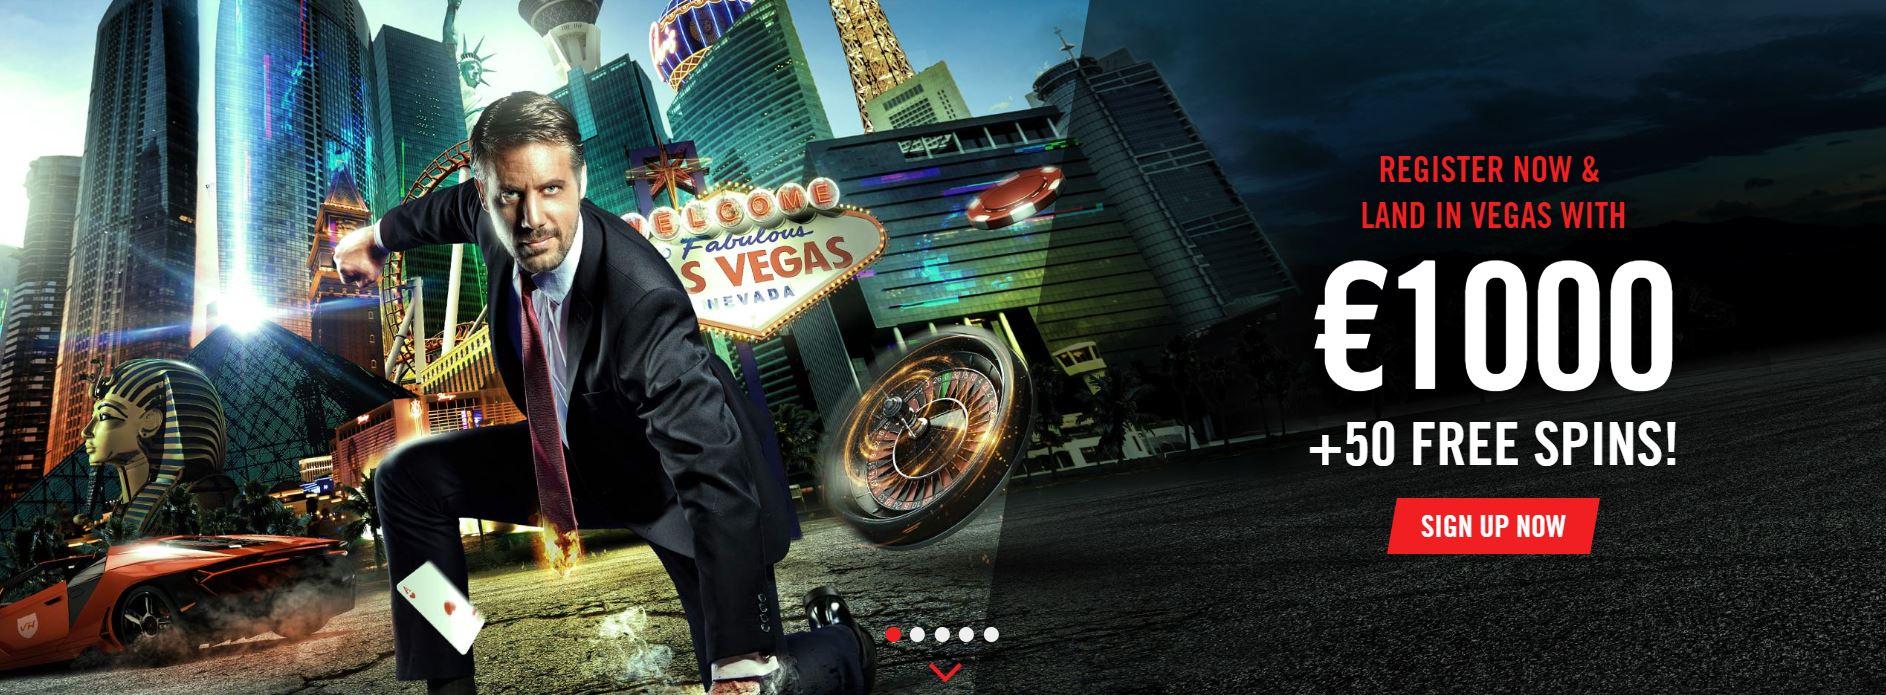 Welcome bonus offer at Vegas Hero